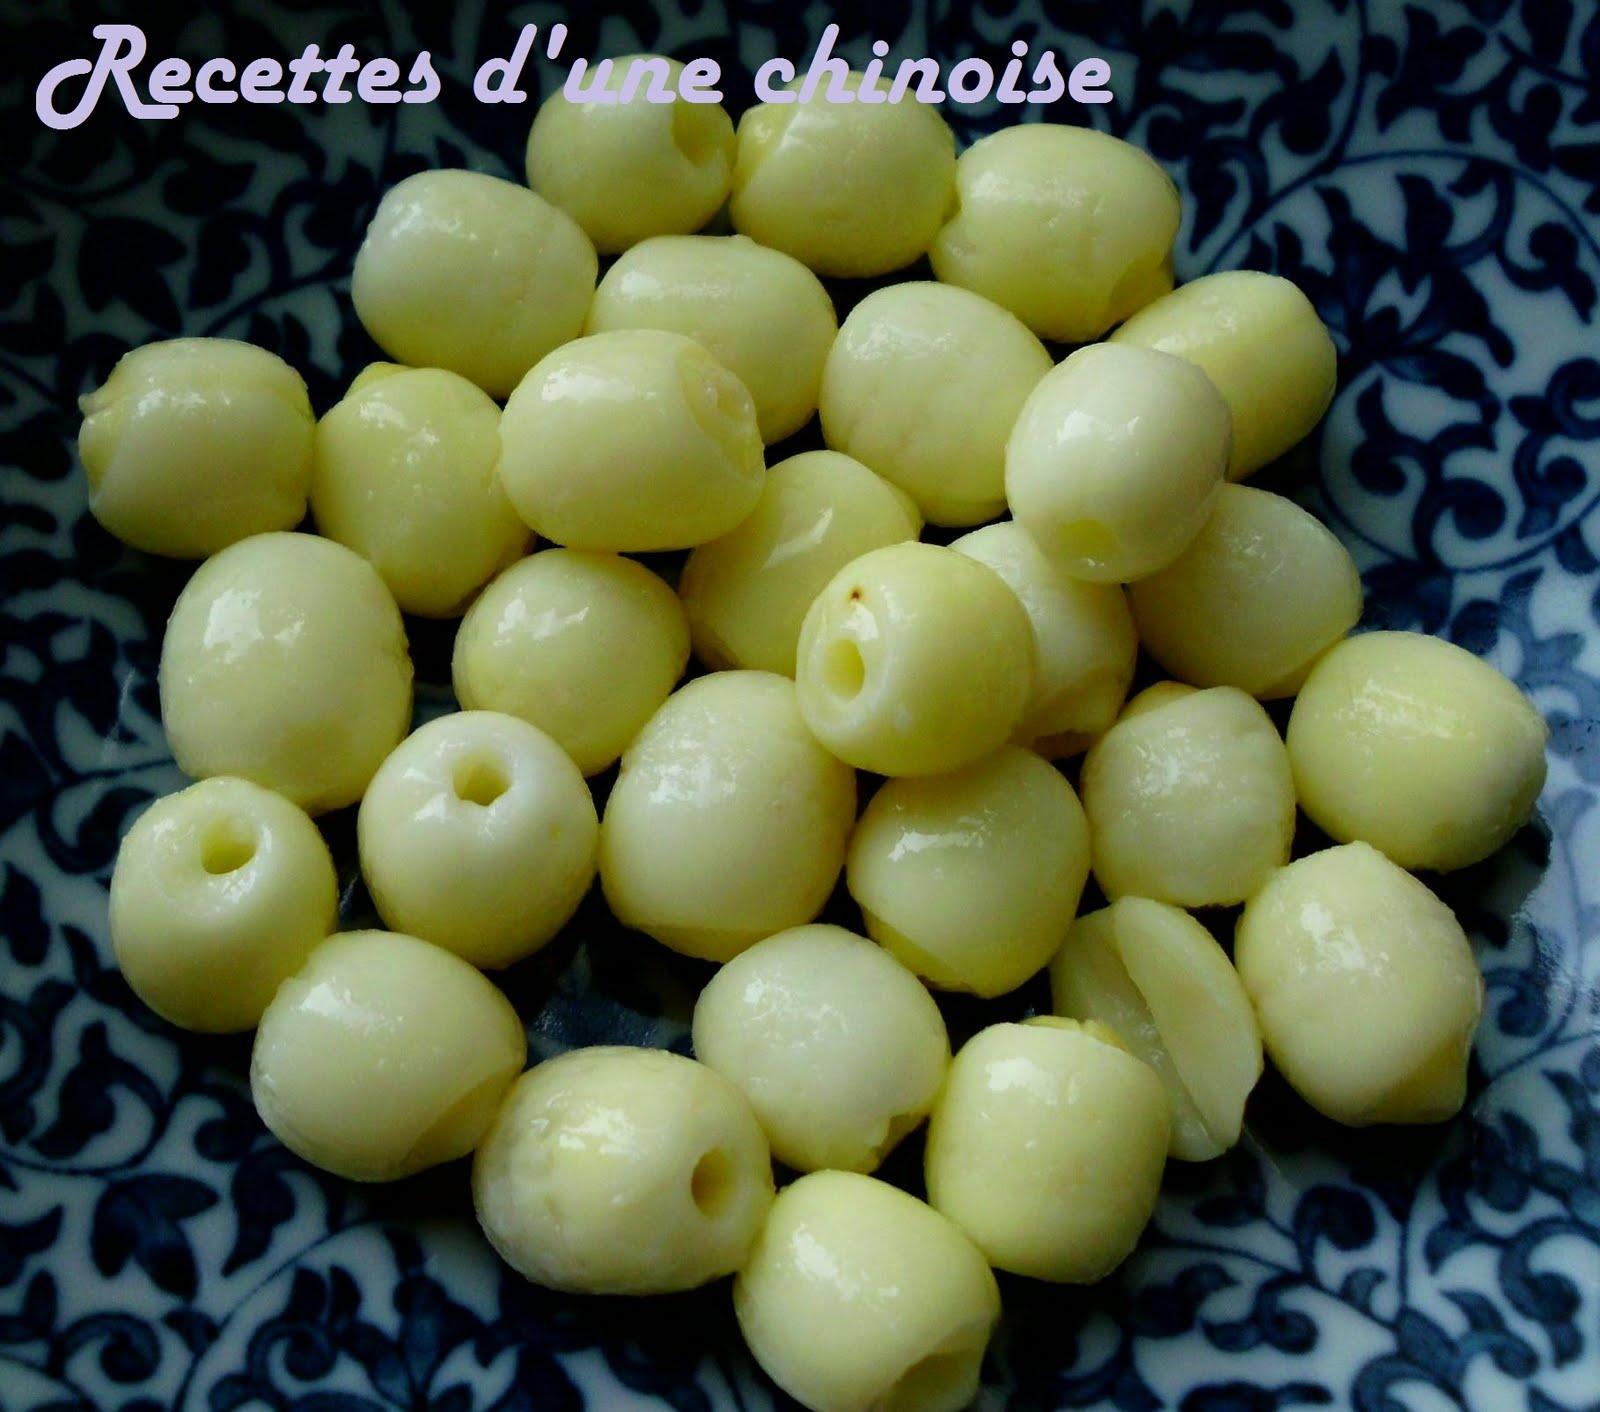 Recettes d'une Chinoise: Graines de lotus 莲子 lián zǐ